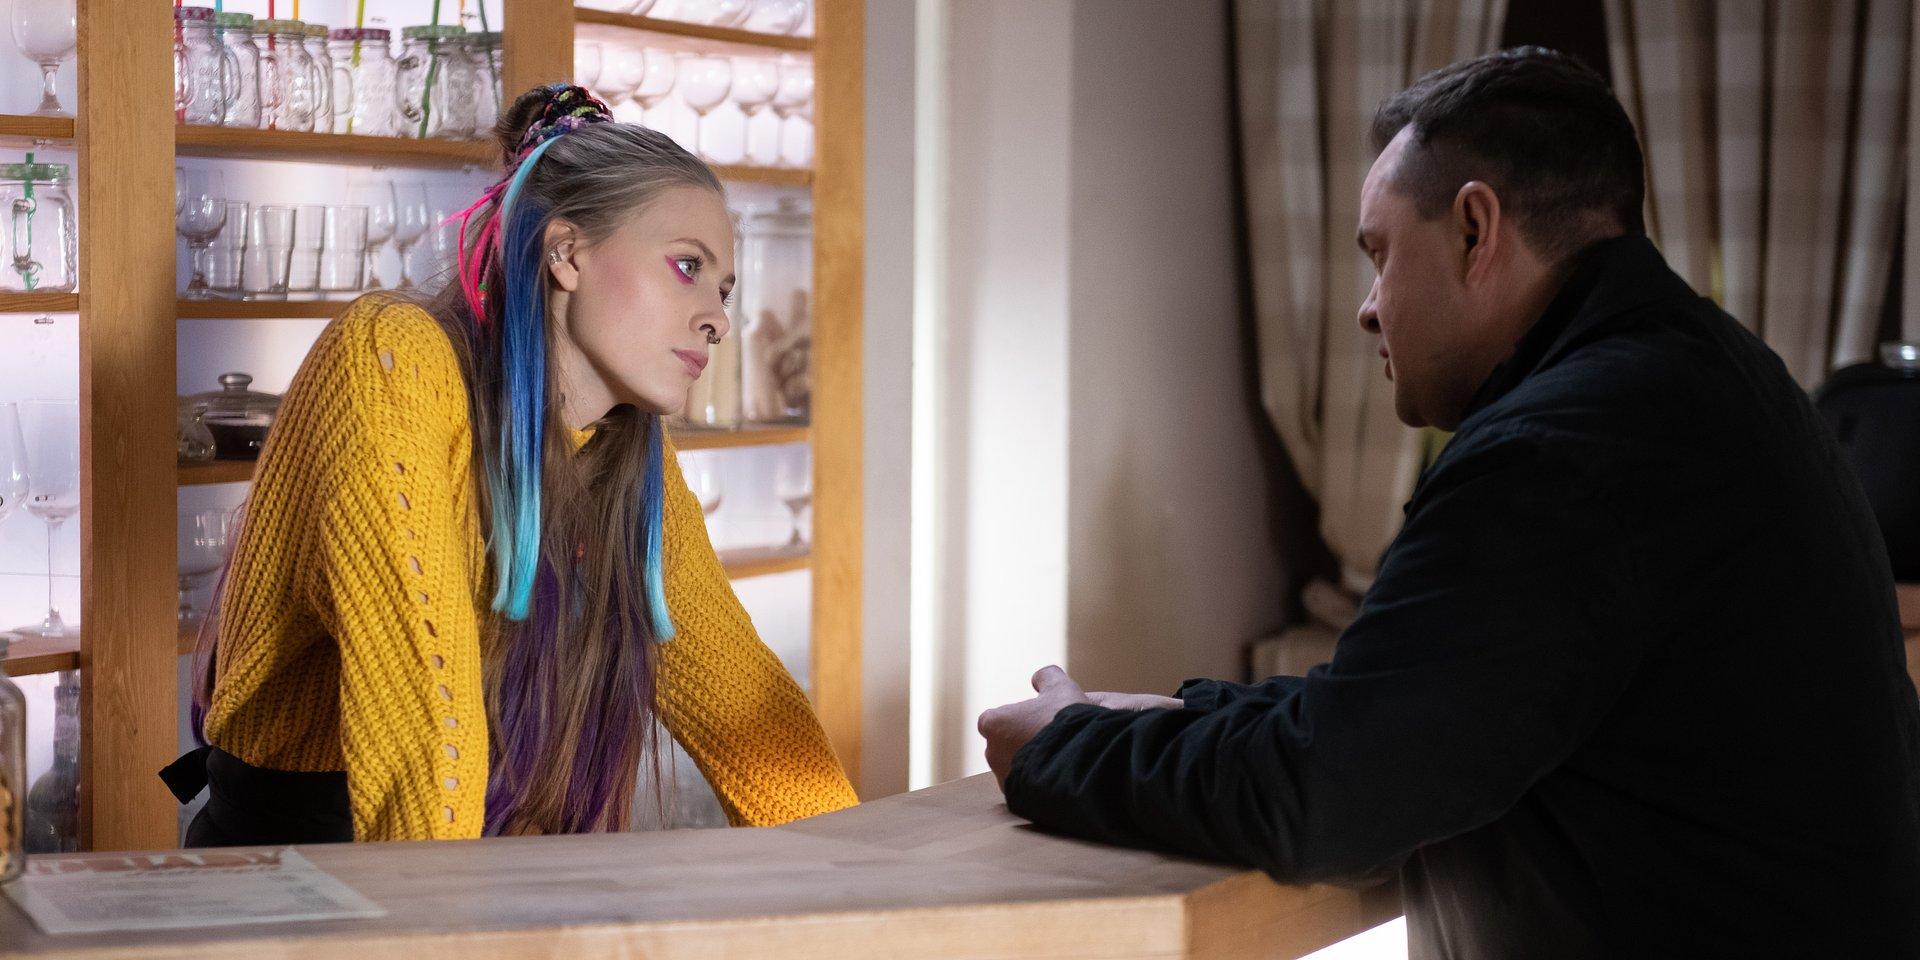 Na Wspólnej: Daria nie chce pozwolić ojcu na romans – Renata też jest czujna!